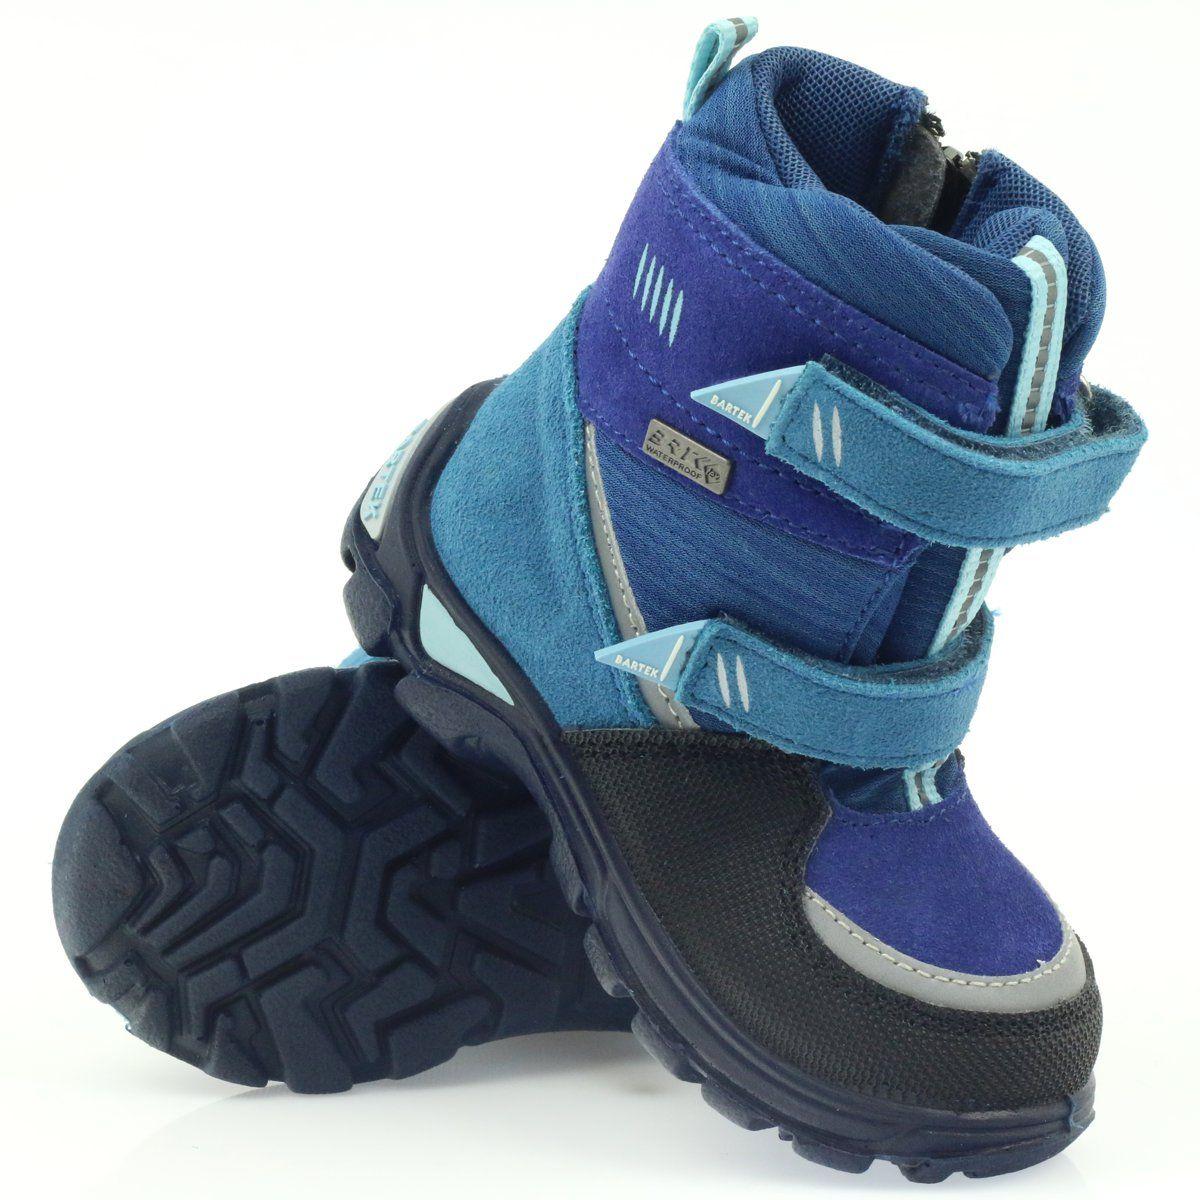 Kozaki Dla Dzieci Bartek Trzewiki Z Membrana Bartek 21759 Childrens Boots Boots Shoes